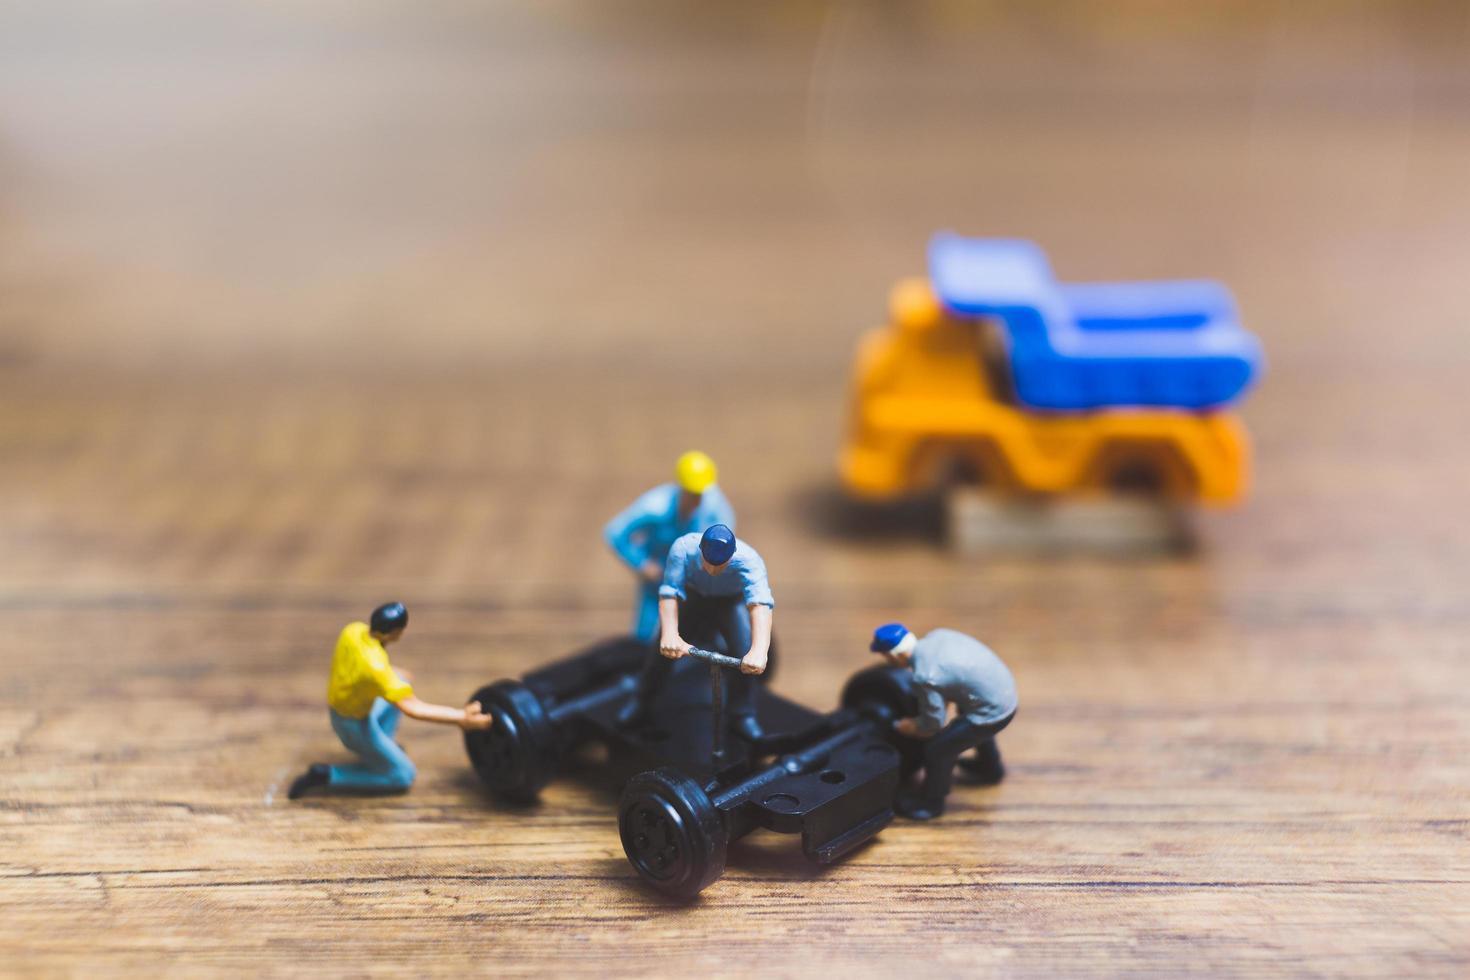 trabalhadores em miniatura consertando uma roda de um caminhão em um fundo de madeira foto